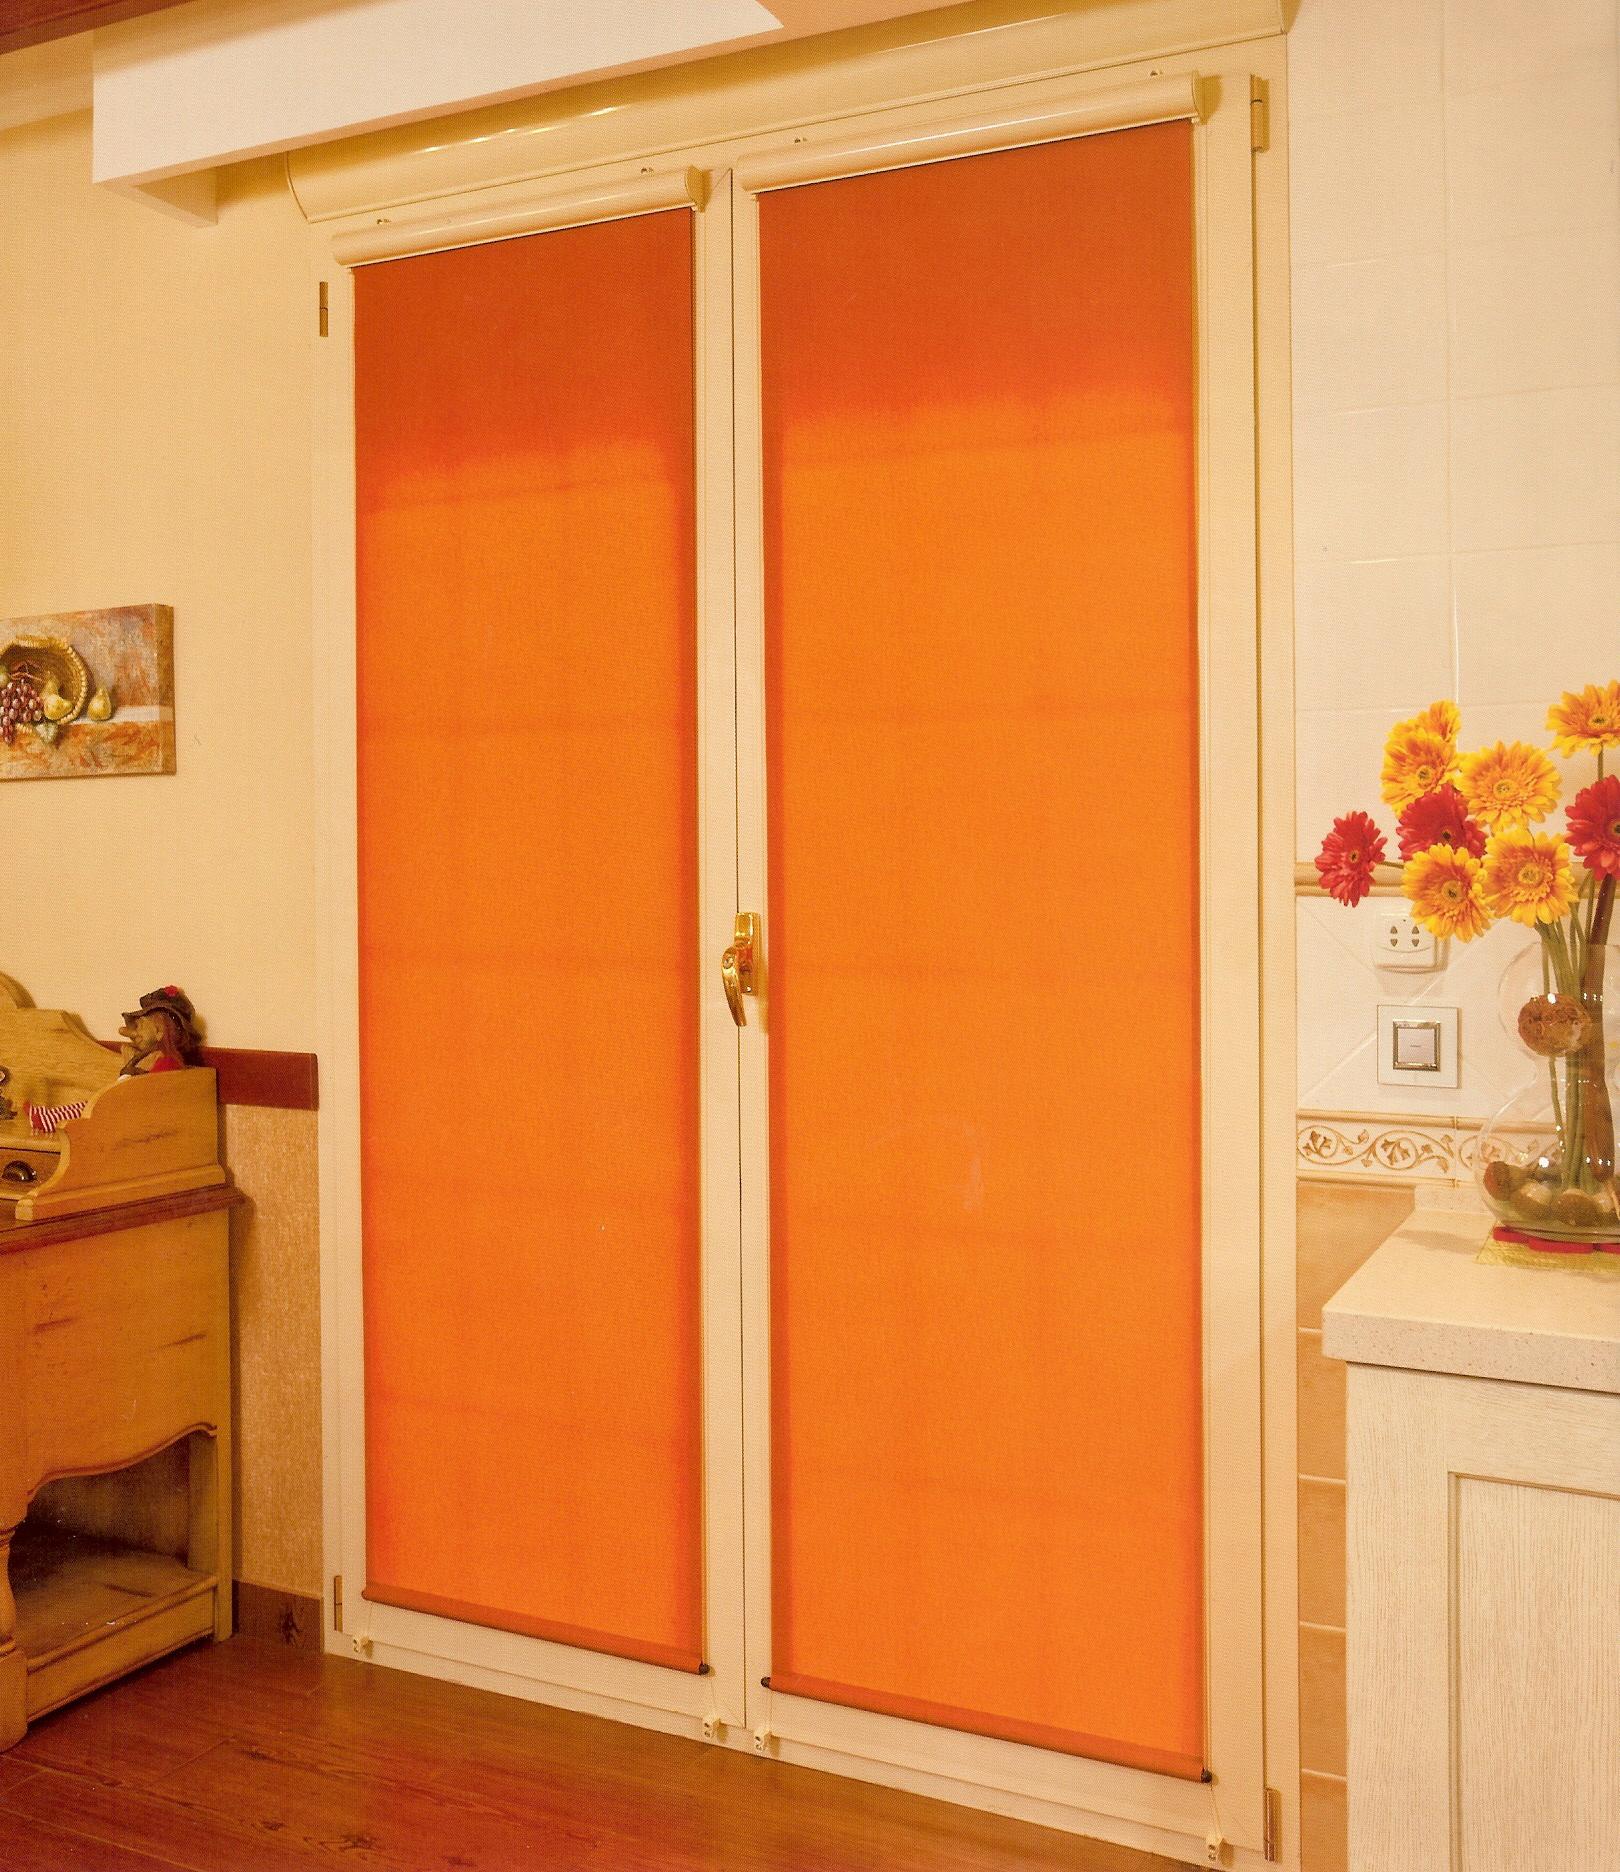 Estores para puerta con guias el blog de decoraci n interior - Estores para puertas ...